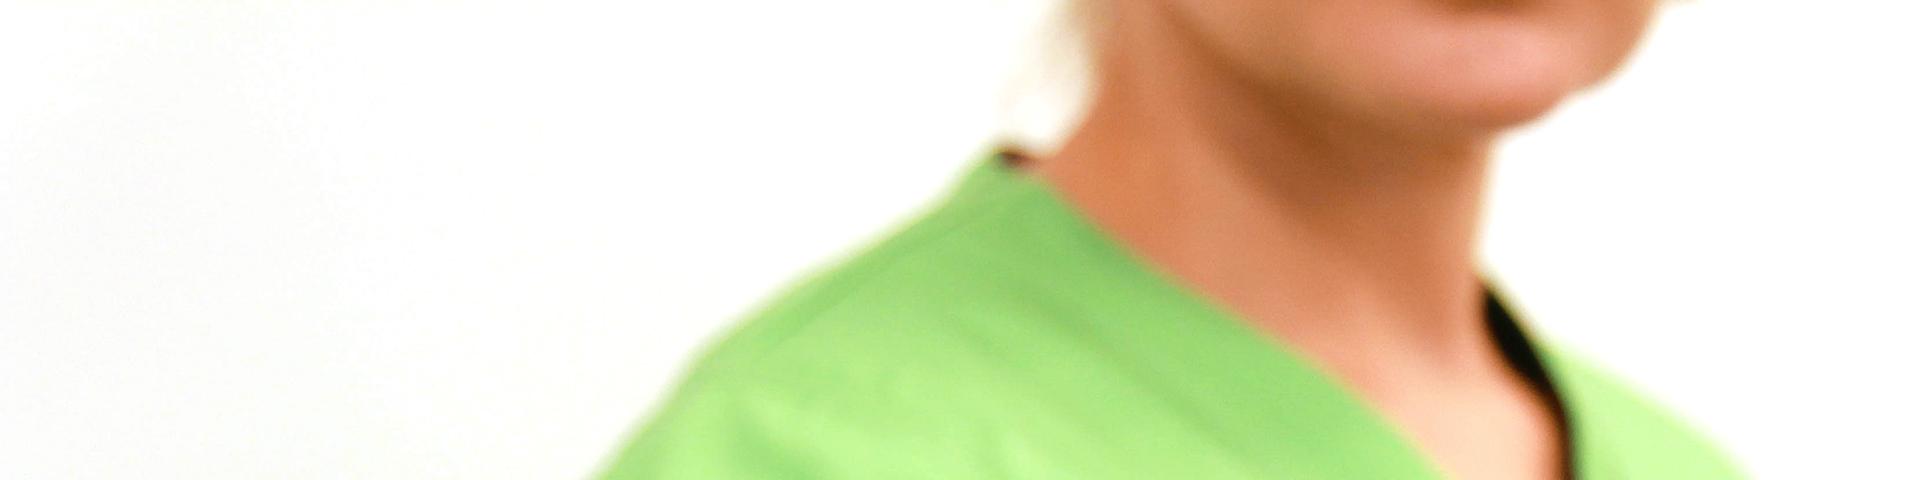 lauttasaari hieronta body to body massage helsinki